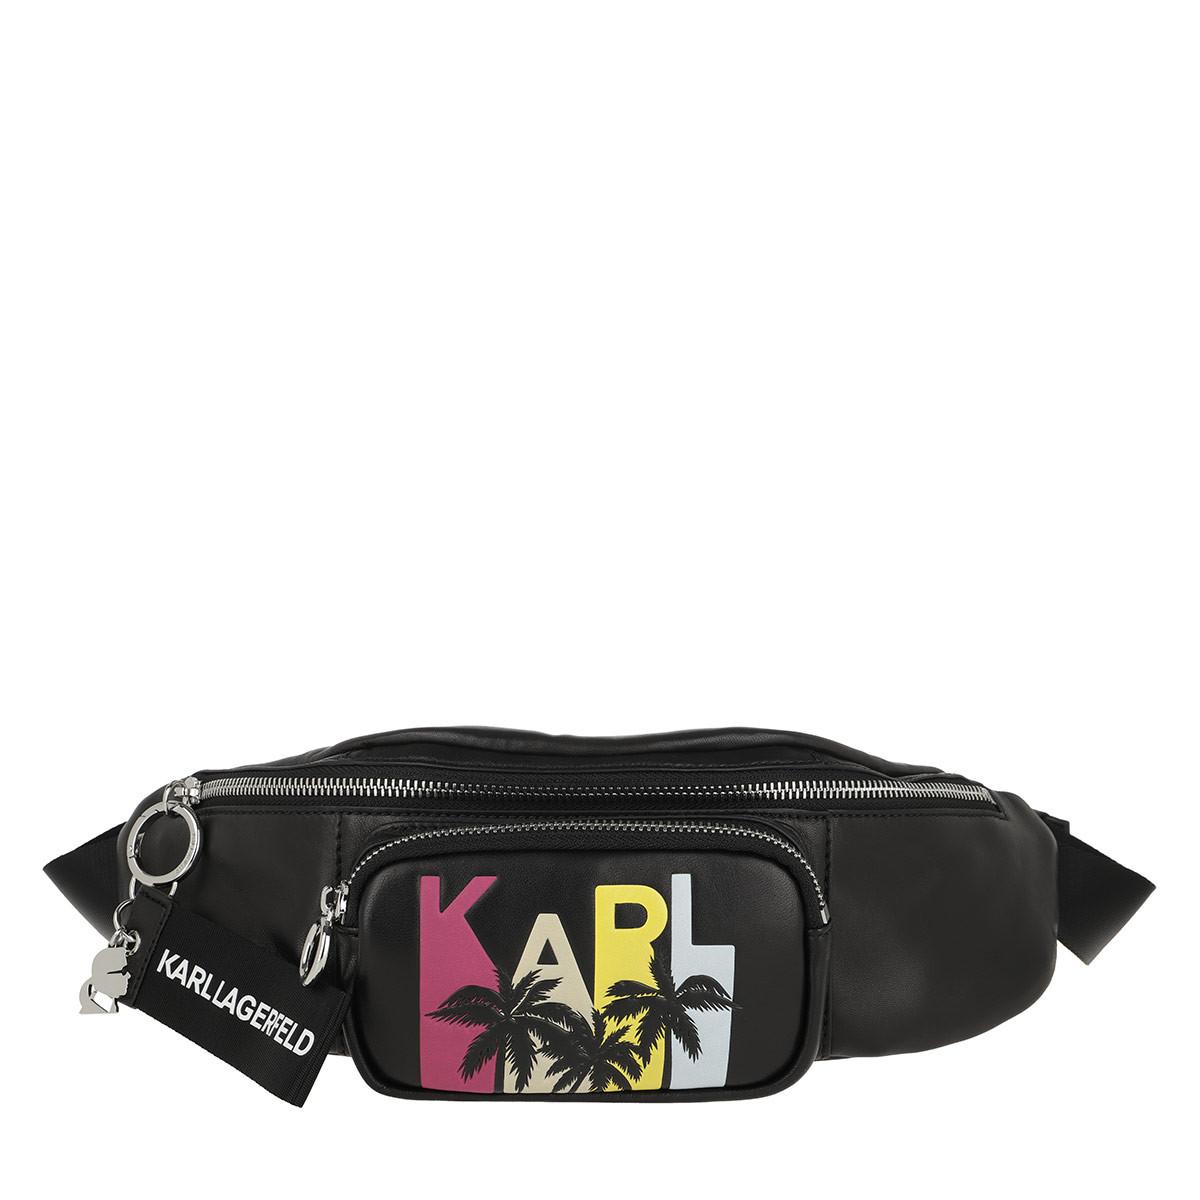 Karl Lagerfeld Gürteltasche - Karlifornia Belt Bag Black - in schwarz - für Damen